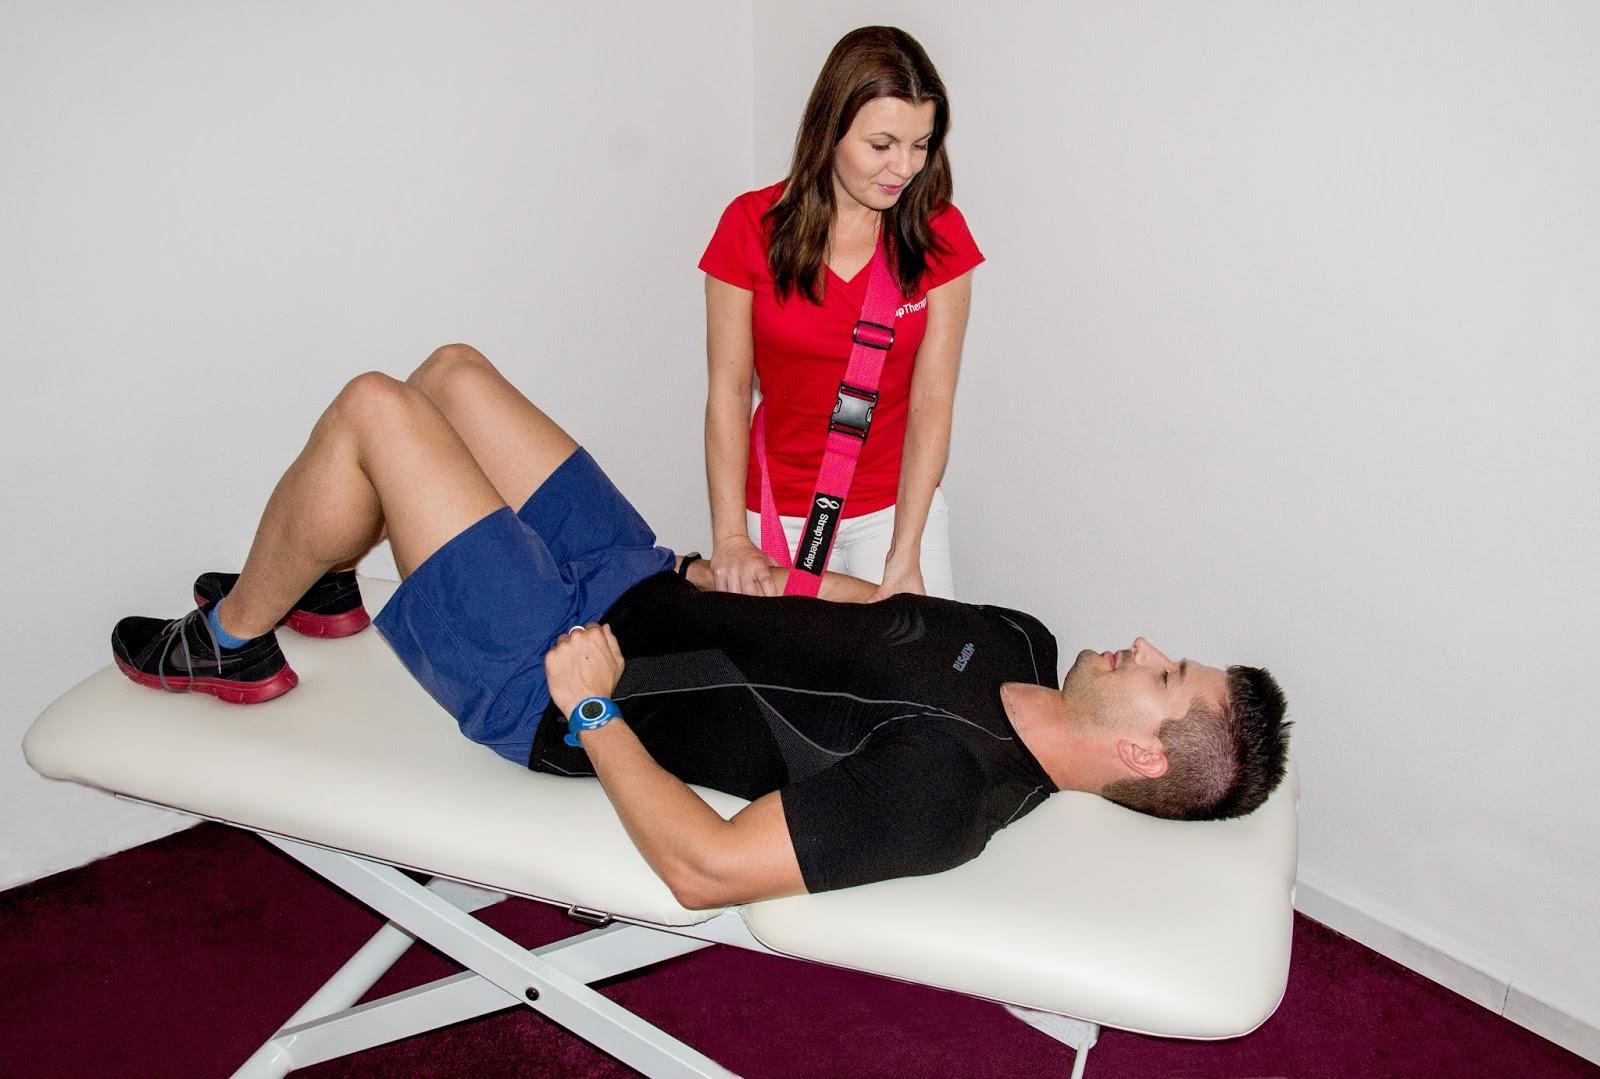 térdstabilitási tünetek és kezelés